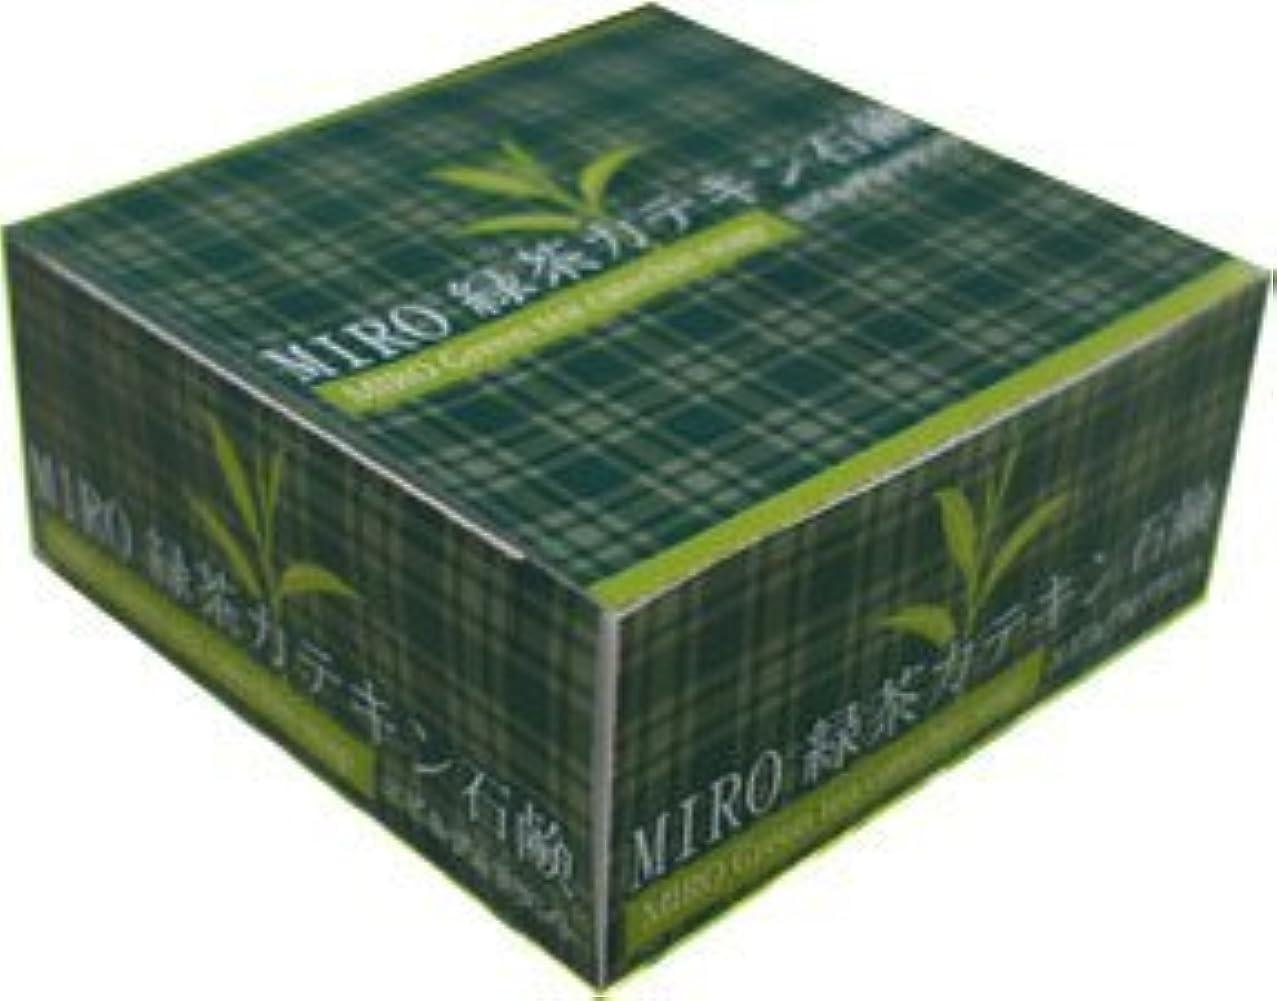 賞賛する流構想する【MIRO 緑茶カテキン石鹸】 wm